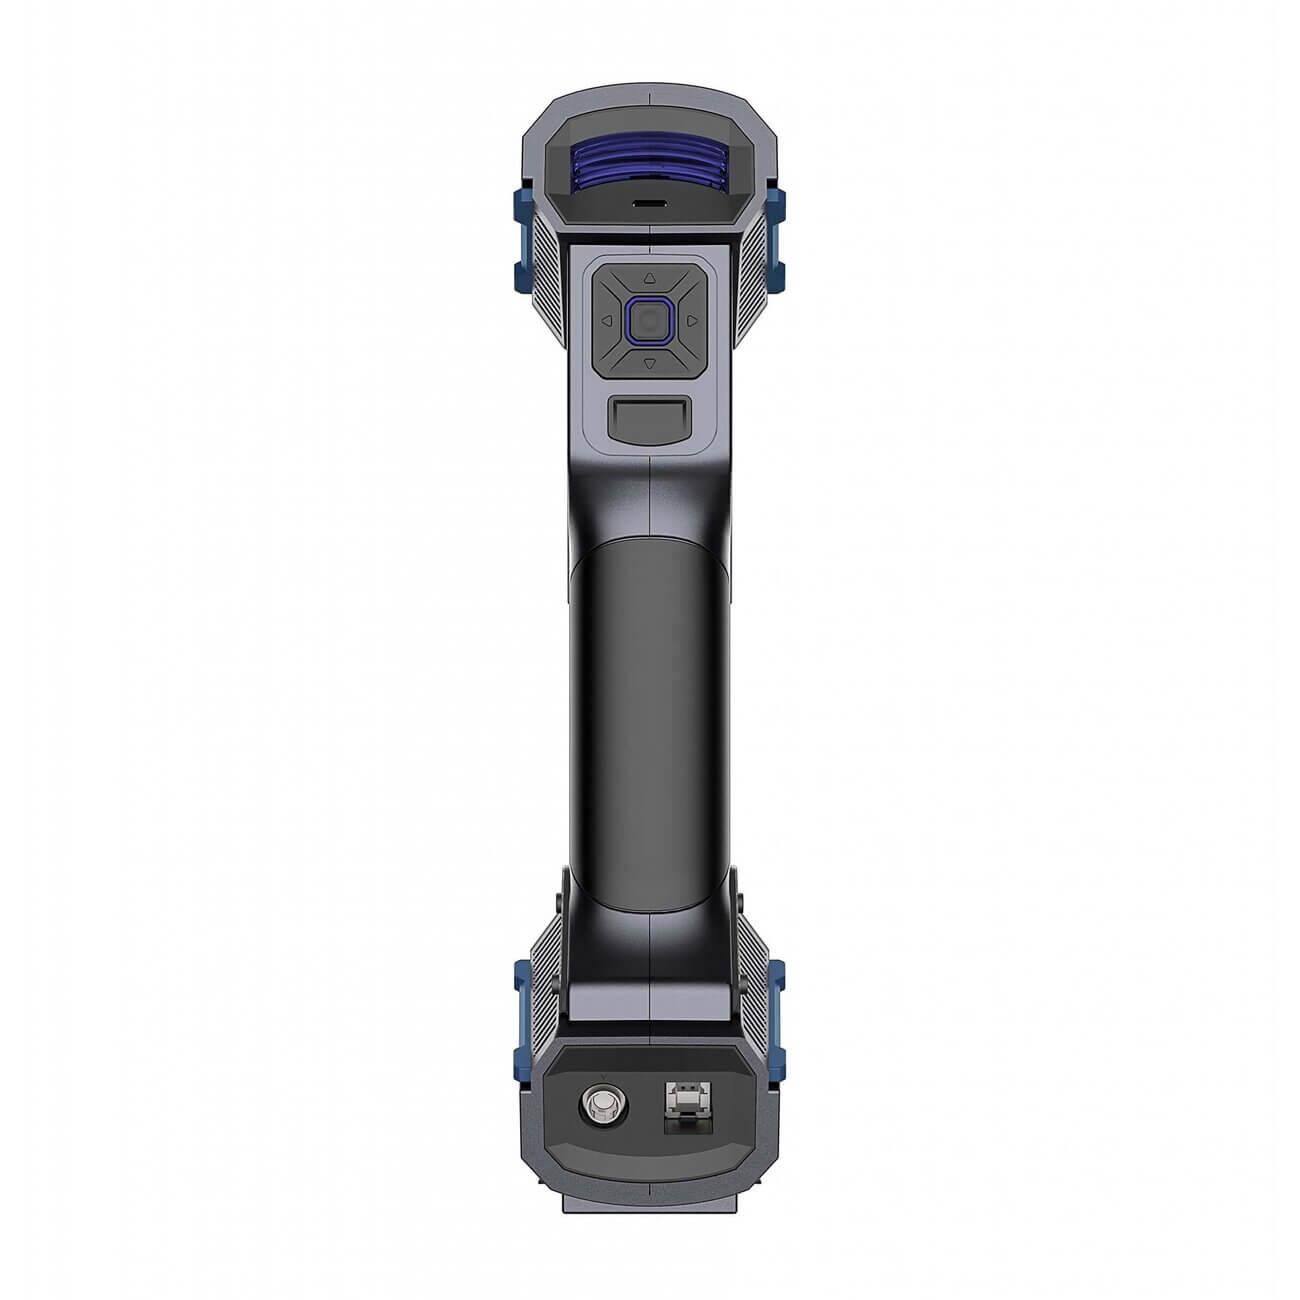 shining-3D-freescan-UE11-UE7-3D-kéziszkenner-szkenner-3dee-vasarlas-webshop-teszt-06